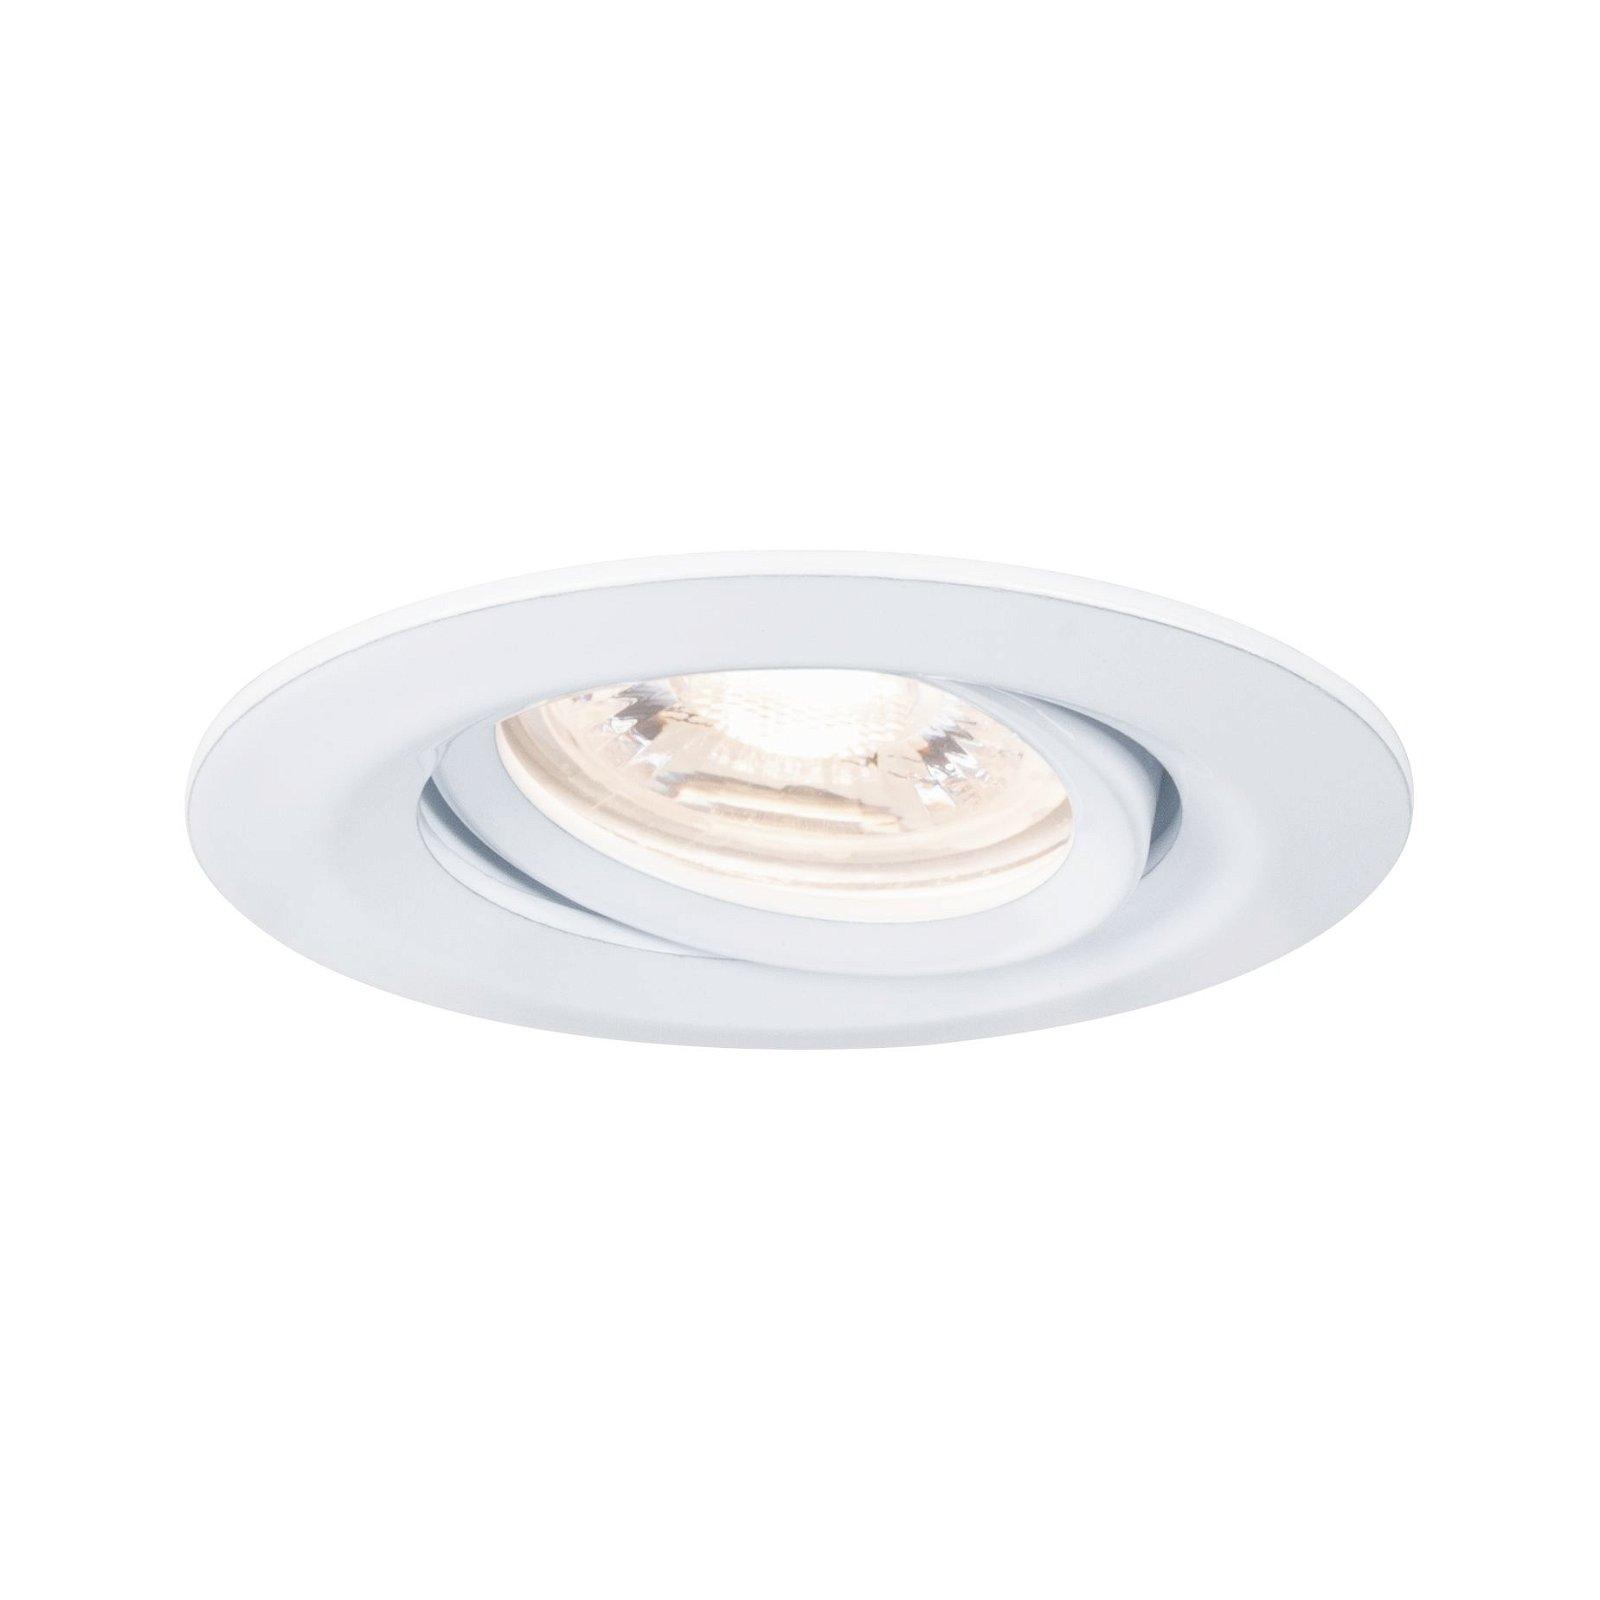 LED Einbauleuchte Nova Mini Coin Einzelleuchte schwenkbar rund 66mm 15° Coin 4W 310lm 230V 2700K Weiß matt